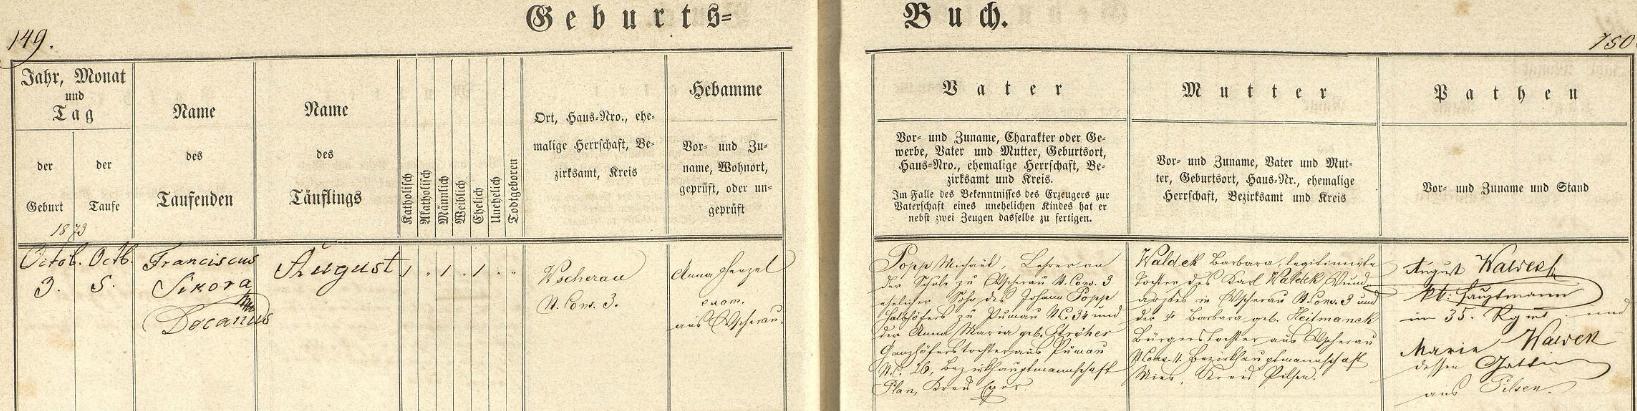 Podle tohoto záznamu z matriky farní obce Všeruby u Plzně narodil se tu 3. října roku 1873 (dva dny nato ho děkan Franz Sikora ve zdejším kostele sv. Martina i pokřtil jménem August Popp) v domě čp. 3 učiteli Michaelu Poppovi (jeho otec Johann Popp byl polodvorníkem /pololáníkem/ v Boněnově /Punnau/ čp. 34, kde hospodařil se svou ženou Annou Marií, roz. Ströherovou, dcerou celoláníka z Boněnova čp. 26) a jeho ženě Barbaře, legitimizované dceři Karla Waldeka, ranhojiče ve Všerubech u Plzně čp. 3, a jeho choti Babrbary, roz. Heitmanekové, měšťanské dcery ze Všerub u Plzně čp. 11 - jako kmotři jsou psáni August Waldek, c.k. hejtman (kapitán) 35. pluku v Plzni a jeho žena Maria Waldeková, rovněž z Plzně